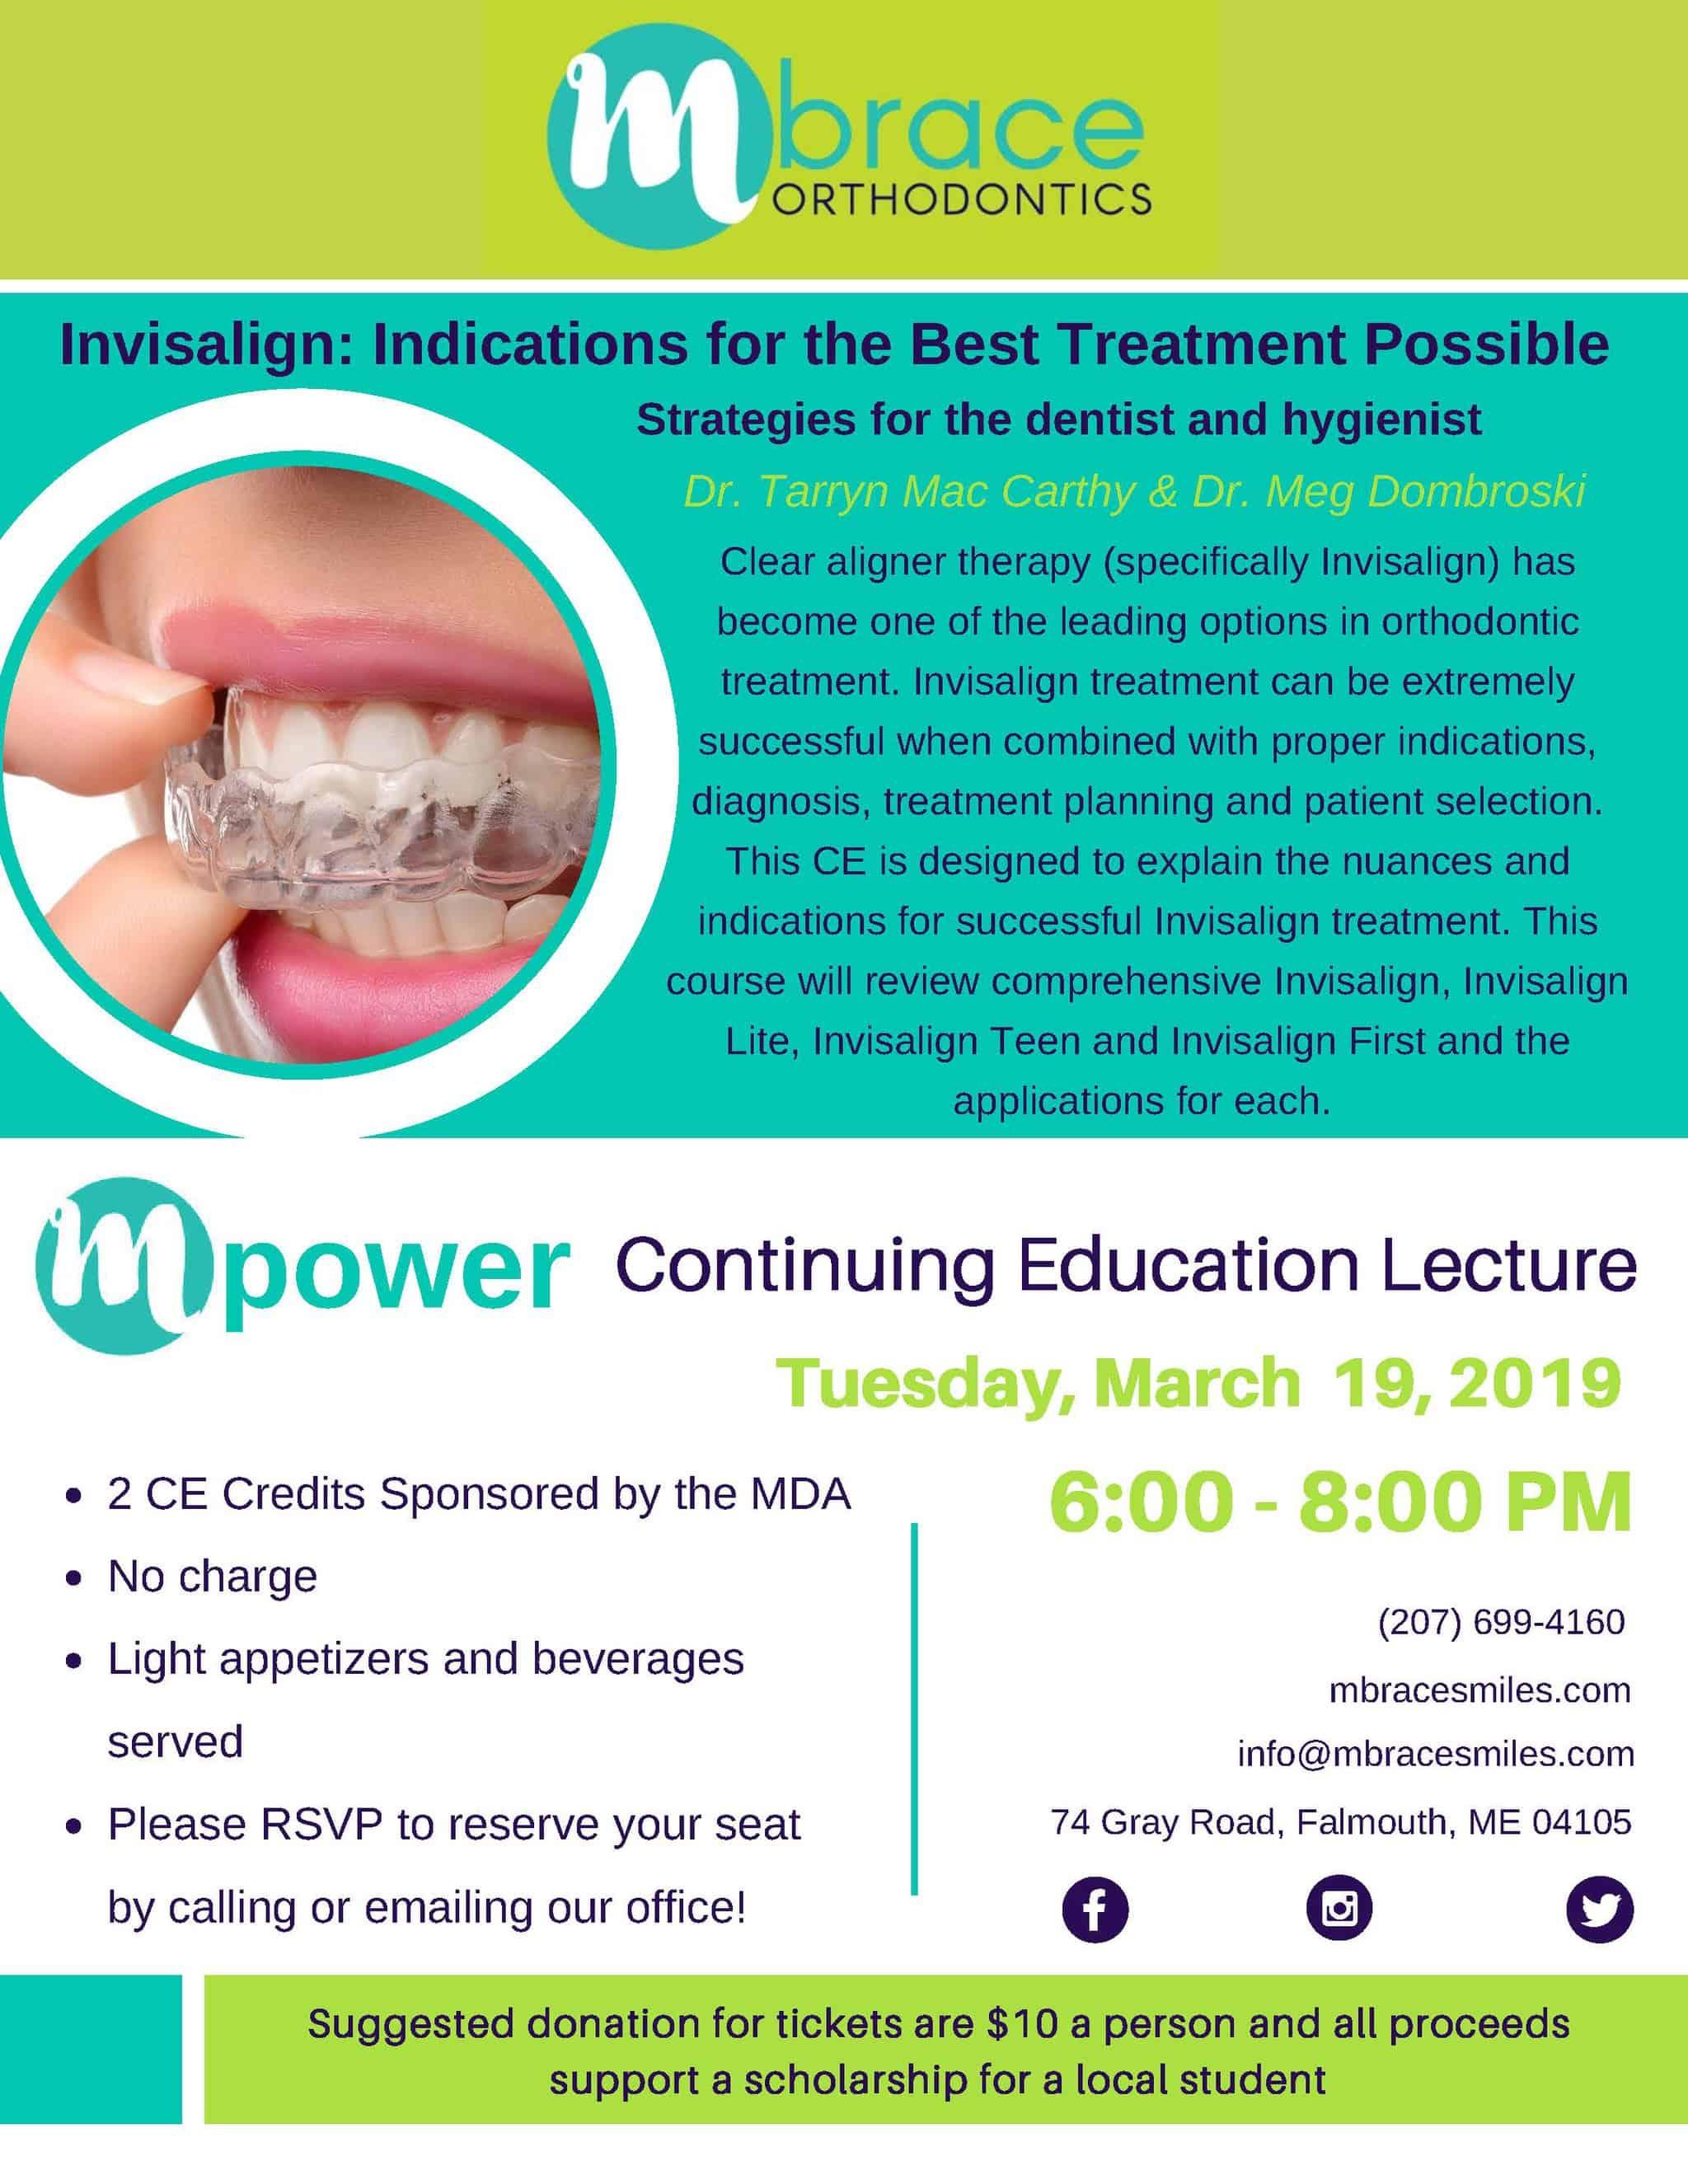 mPower Lecture Series 2019 - Mpower Speaker Series: Spring Schedule 2019